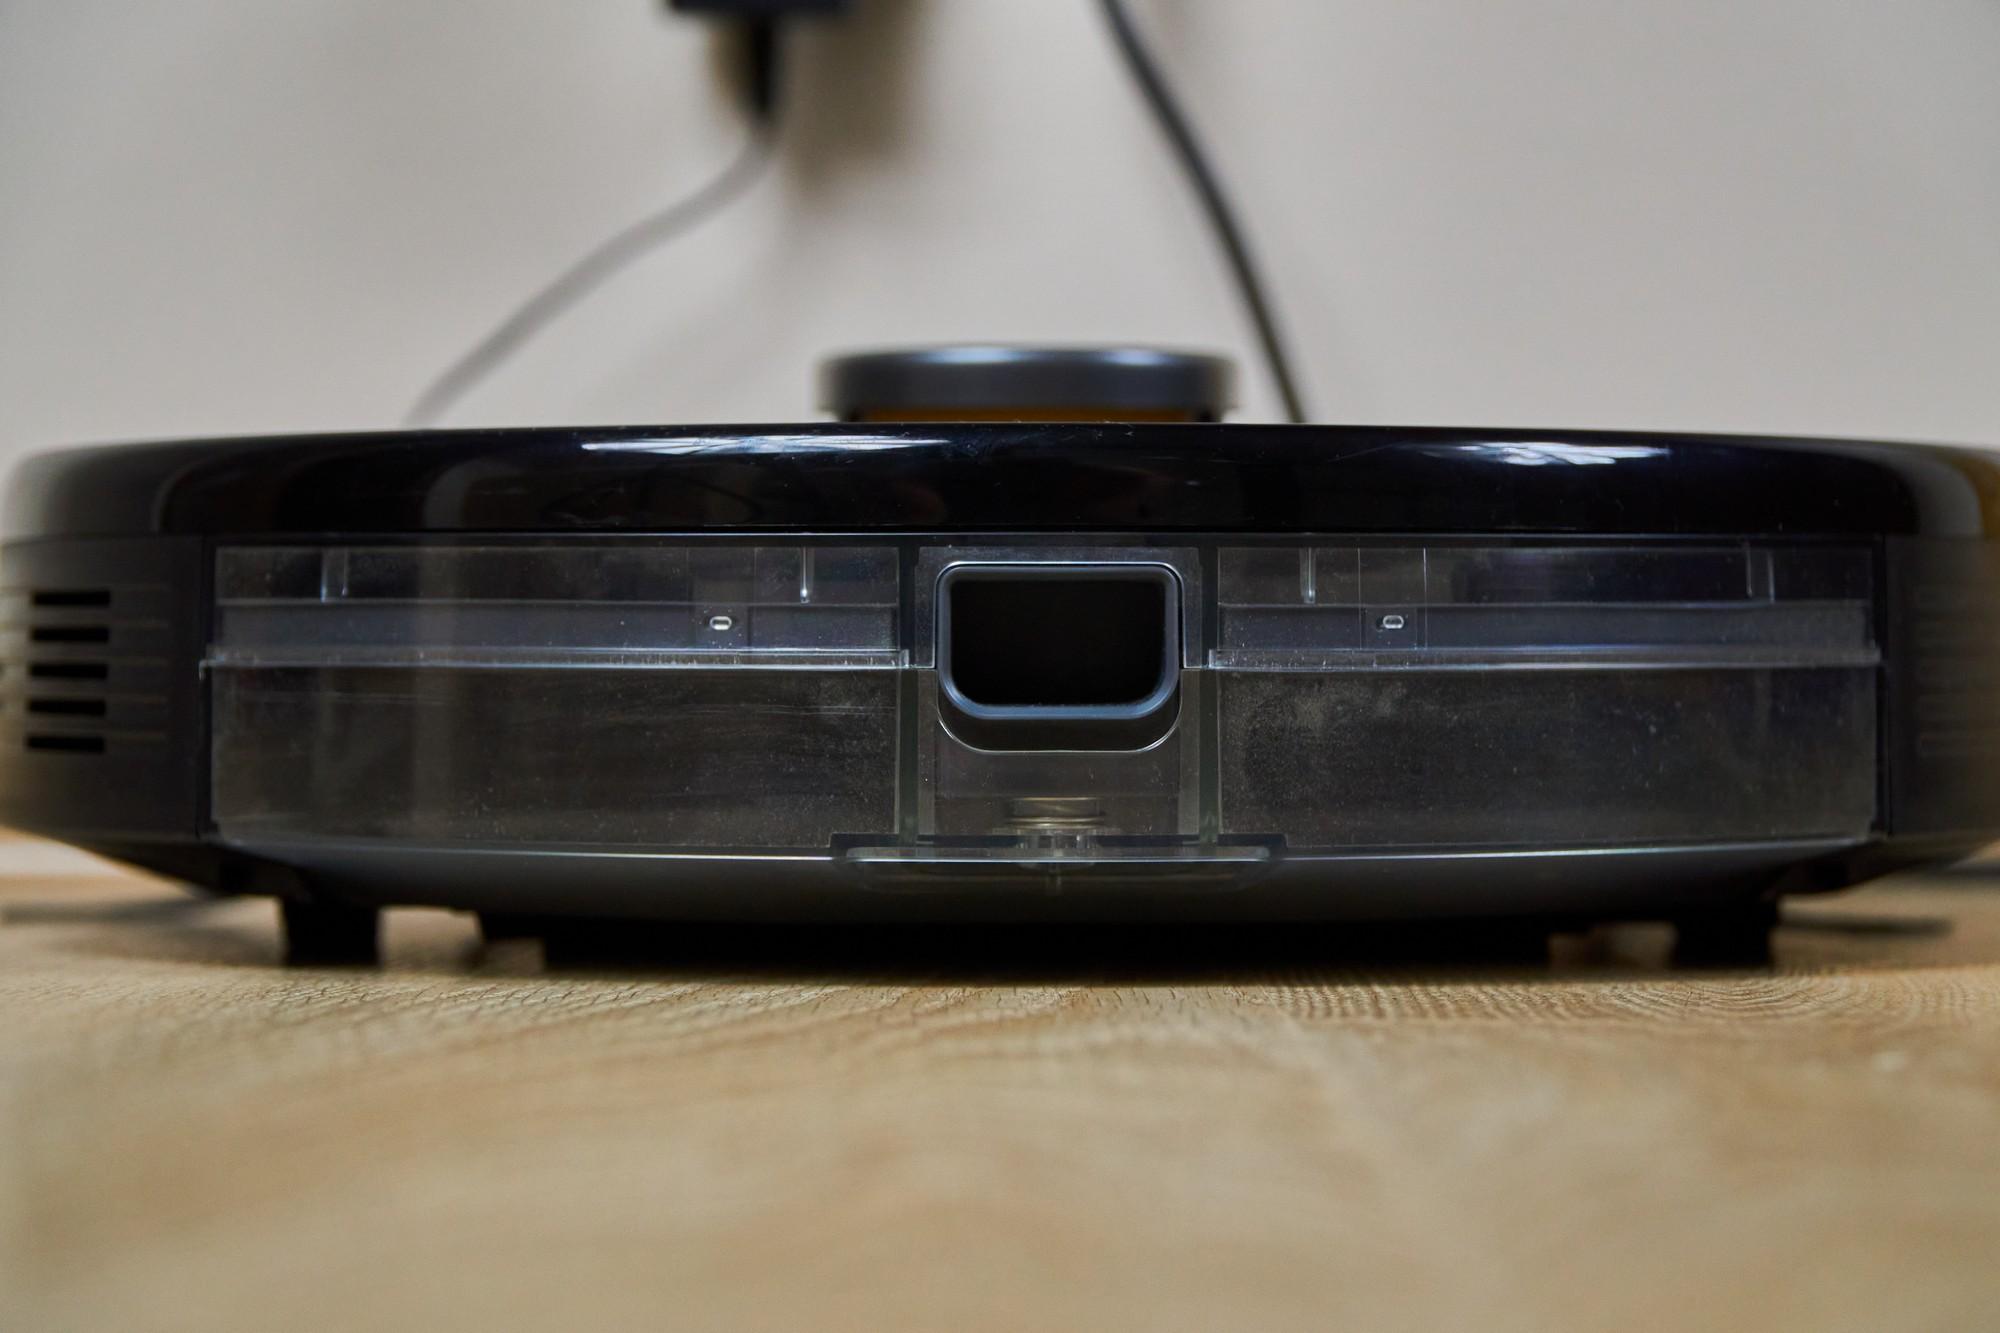 realme TechLife Robot Vacuum - coś poszło nie tak... (recenzja)